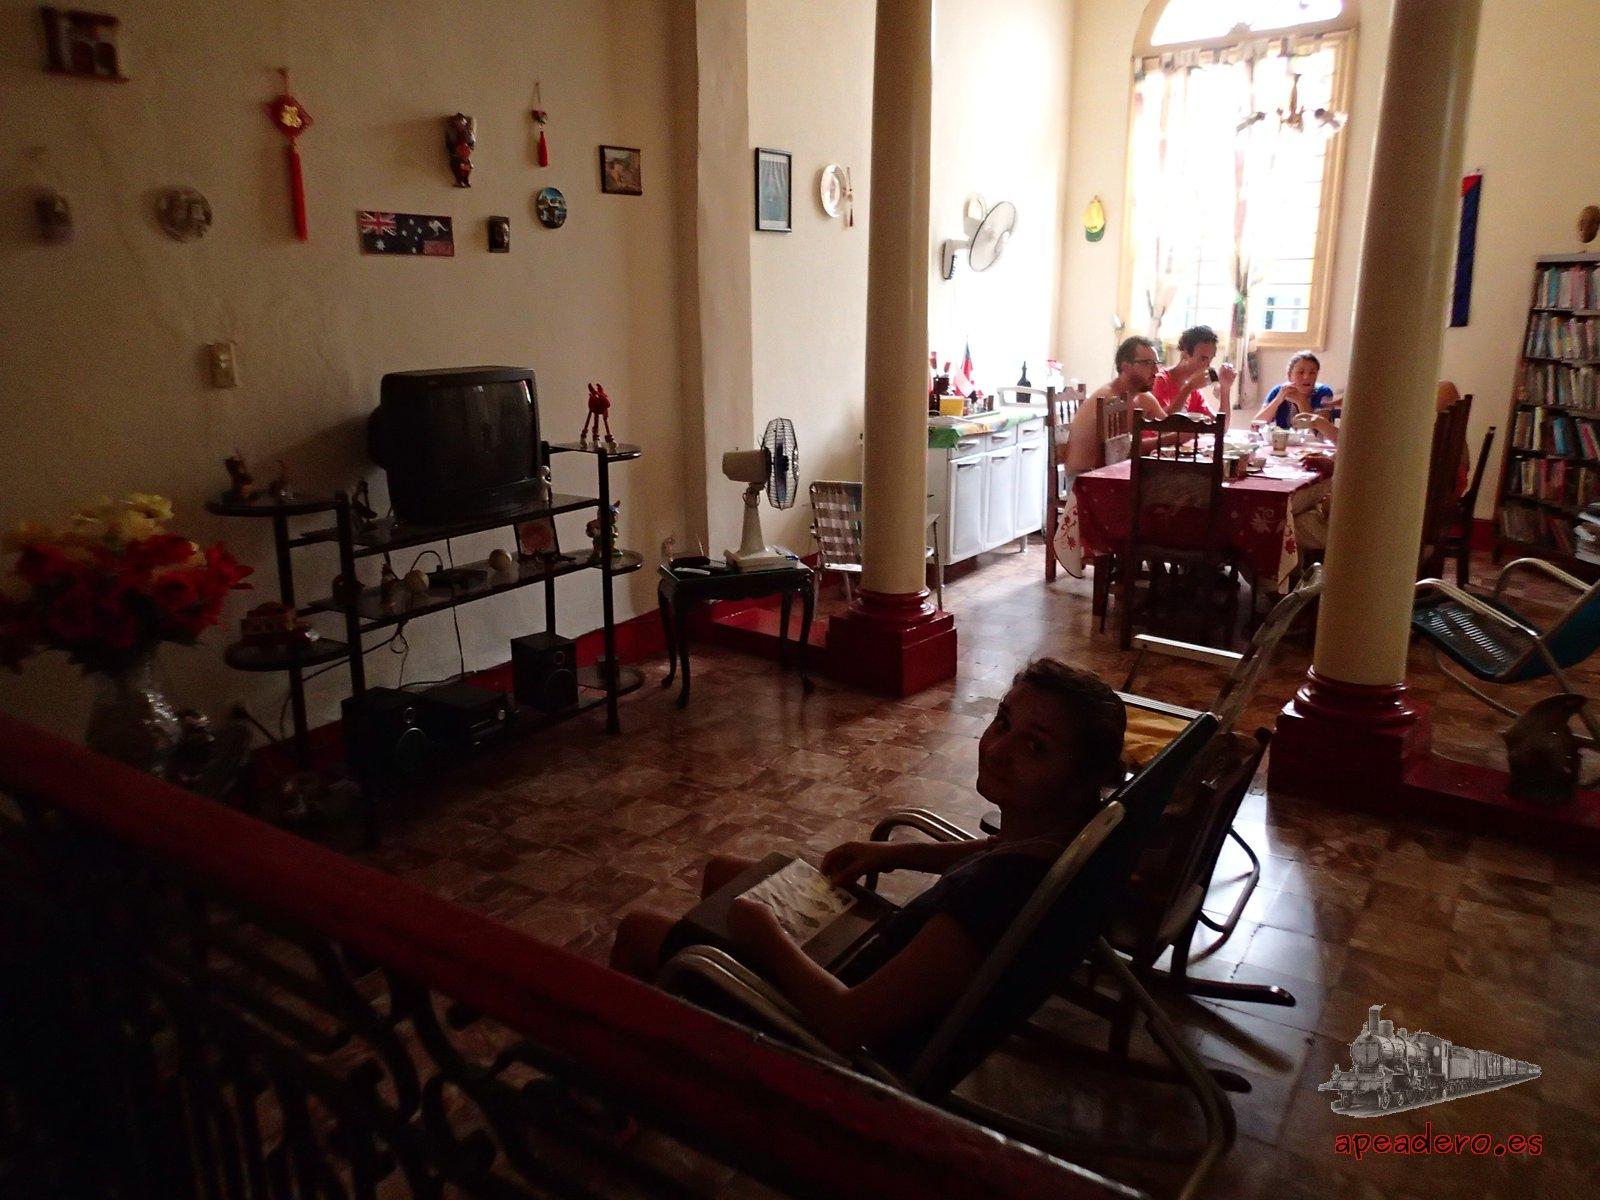 El piso de abajo de la casa dónde está ubicado el hostel es la residencia de Magnolia y Wilfredo, por lo que la seguridad es máxima en todo momento.